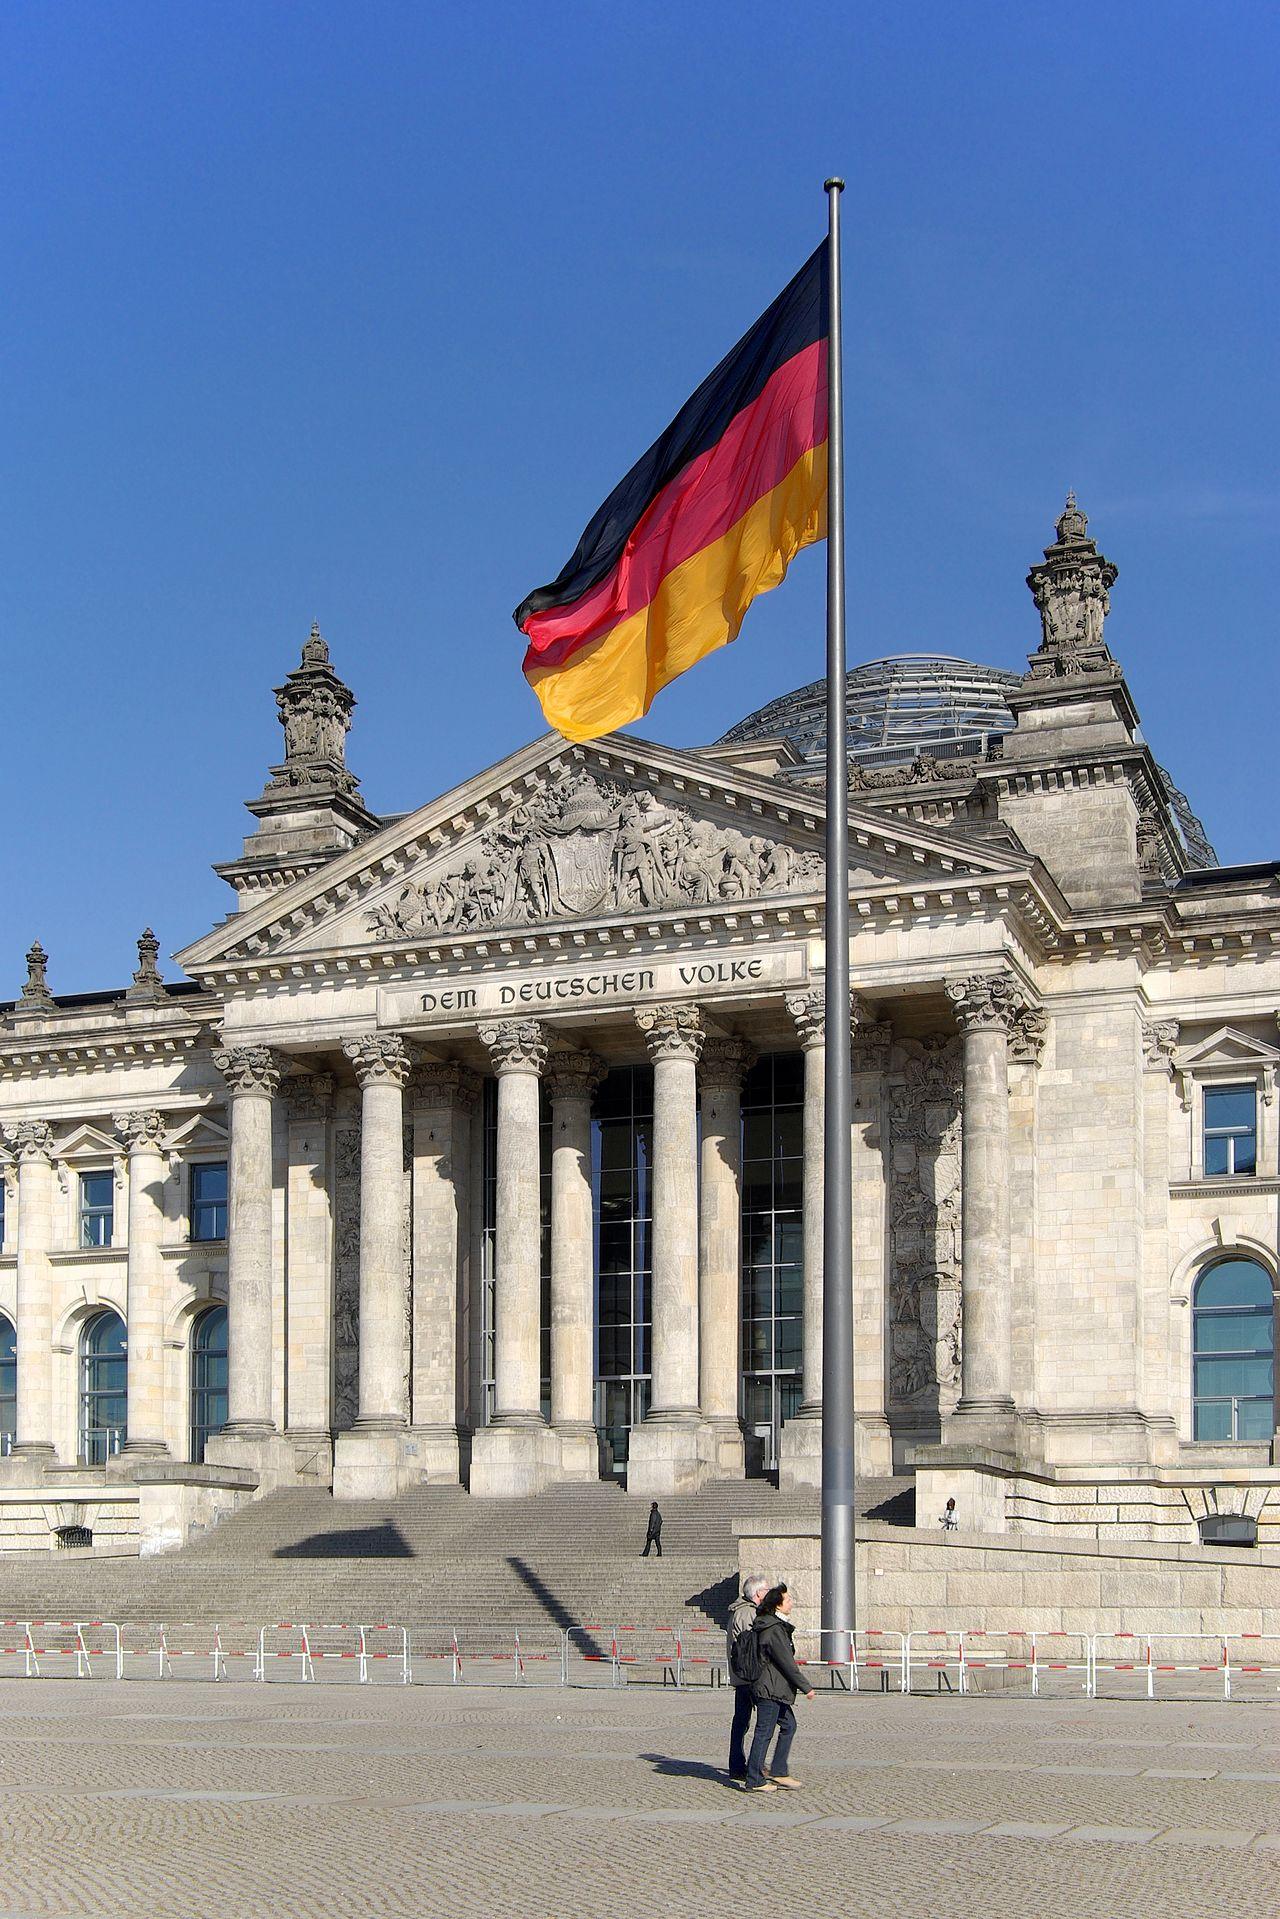 Fahne der Einheit vor dem Sitz des Deutschen Bundestages im Reichstagsgebäude in Berlin, als Denkmal am 3. Oktober 1990 gehisstBerthold Werner • CC BY-SA 3.0